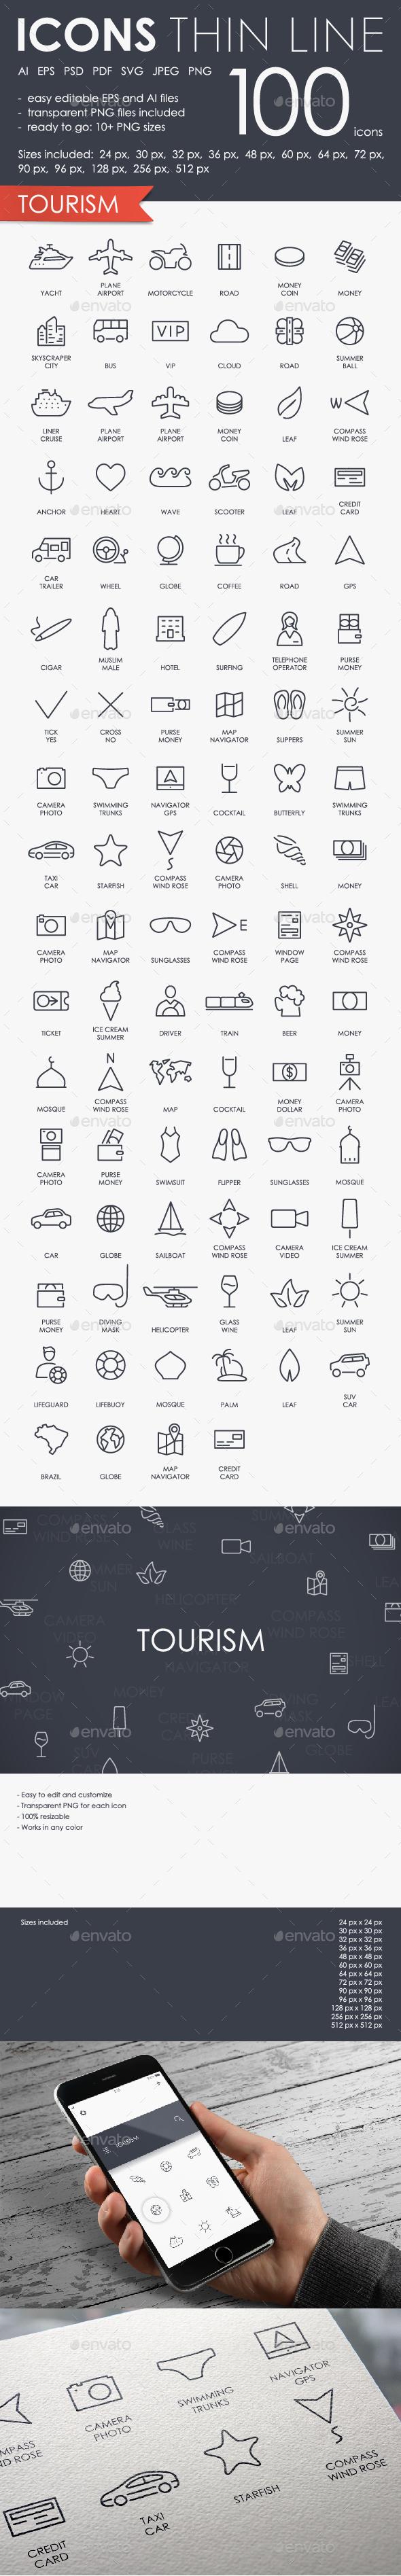 Tourism thinline icons - Seasonal Icons